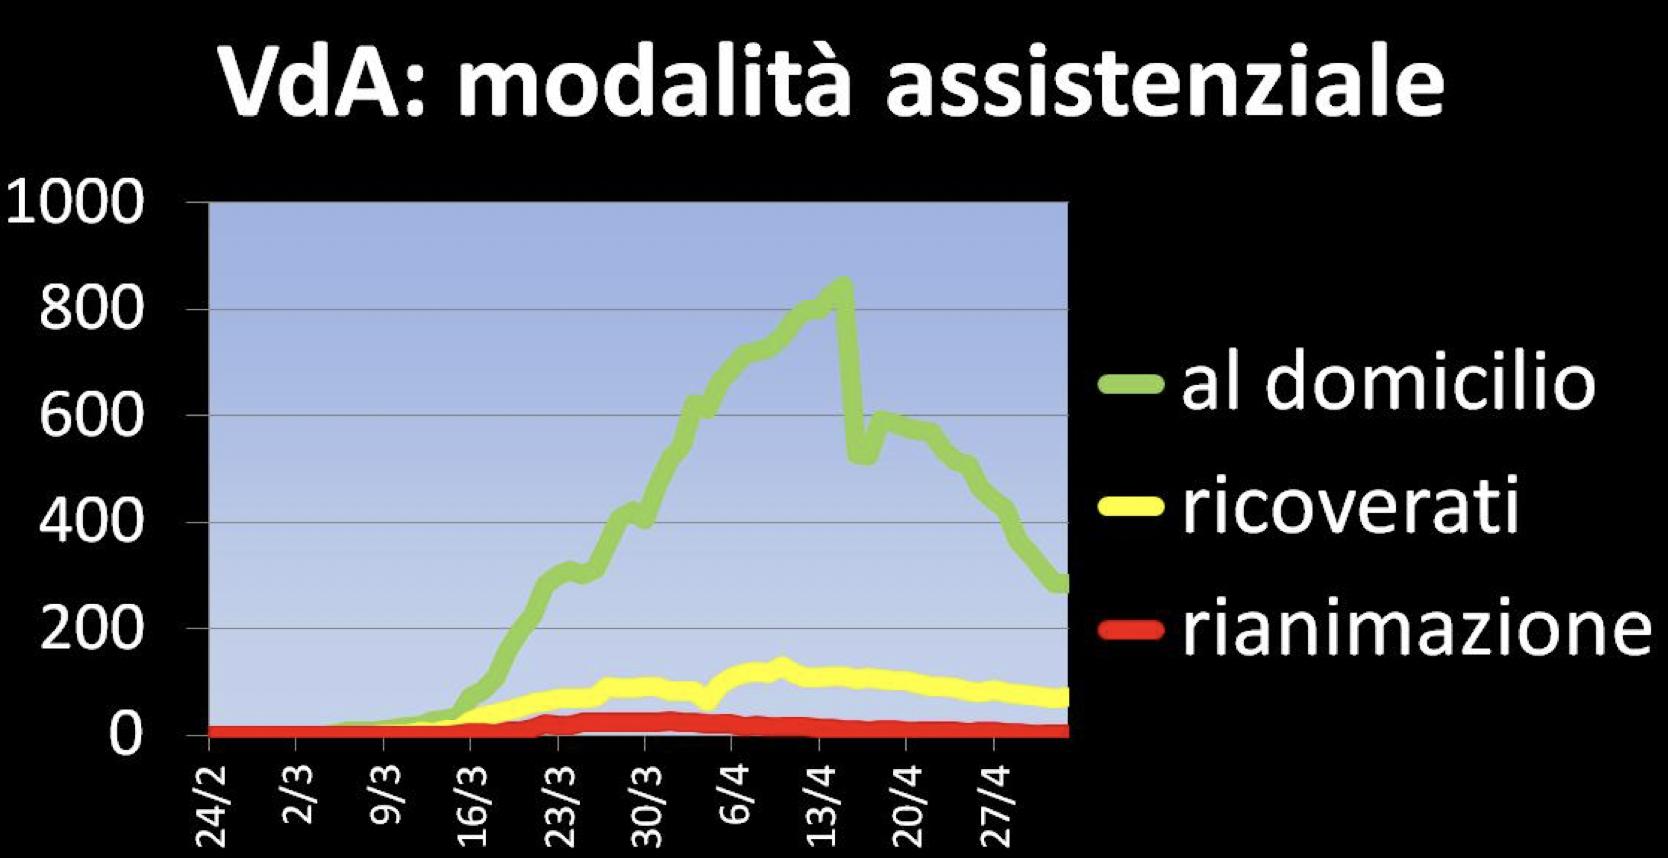 Valle d'Aosta modalità assistenziale